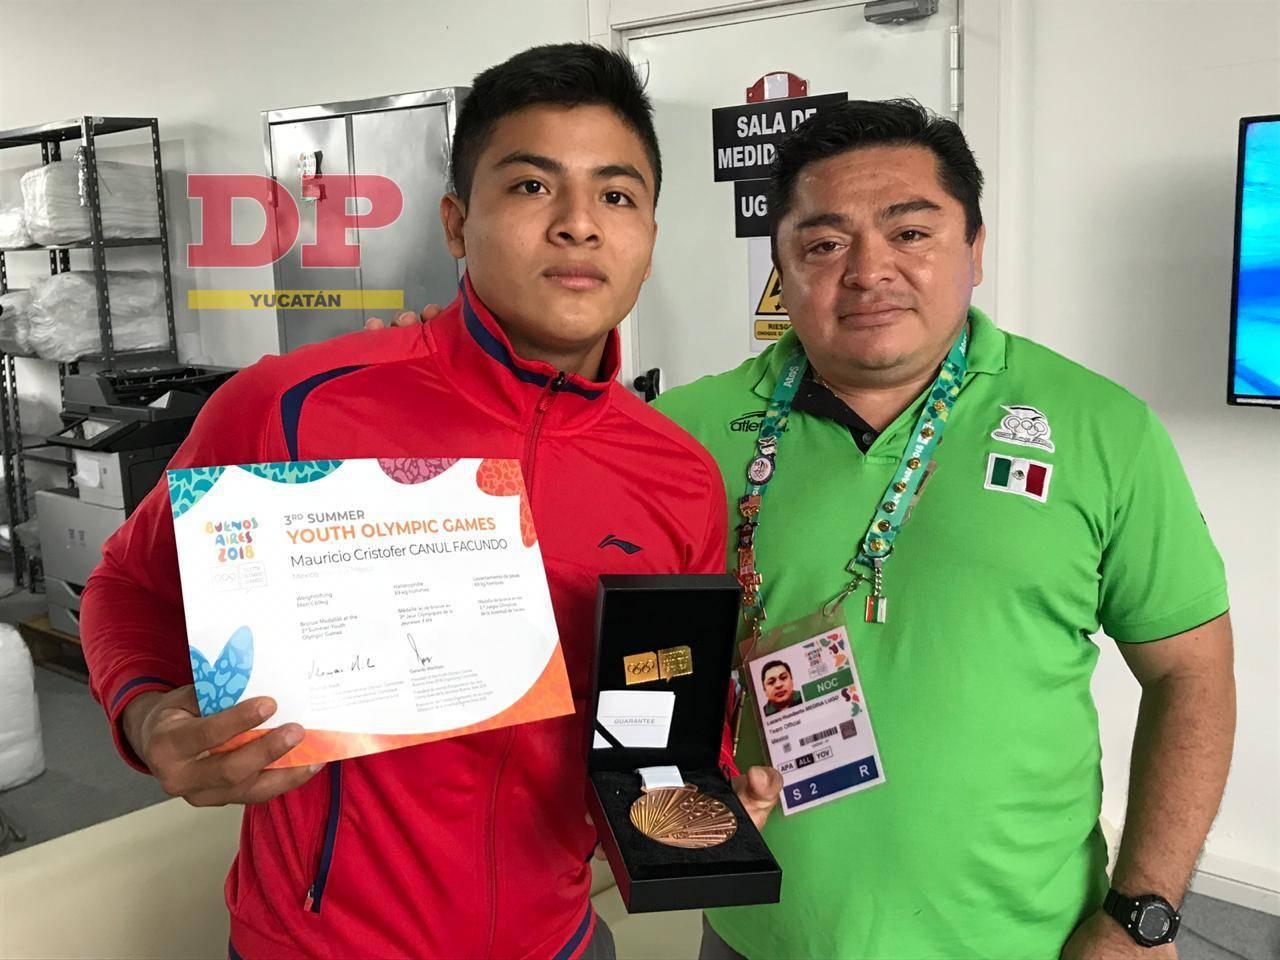 Mauricio con su reconocimiento ganado en los Juegos Olímpicos Juveniles en Argentina.